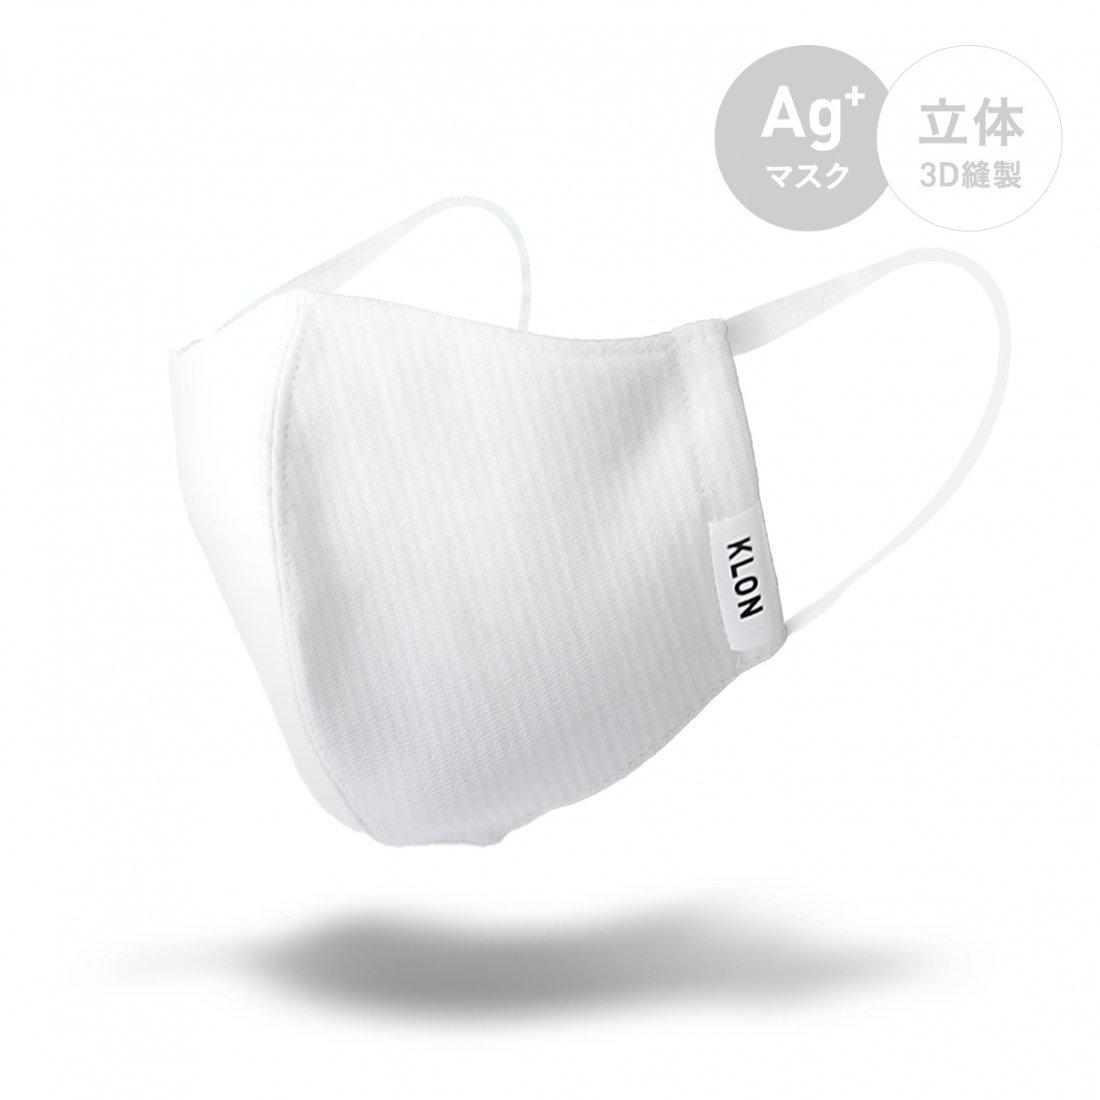 KLON Ag+ 3D MASK WHITE